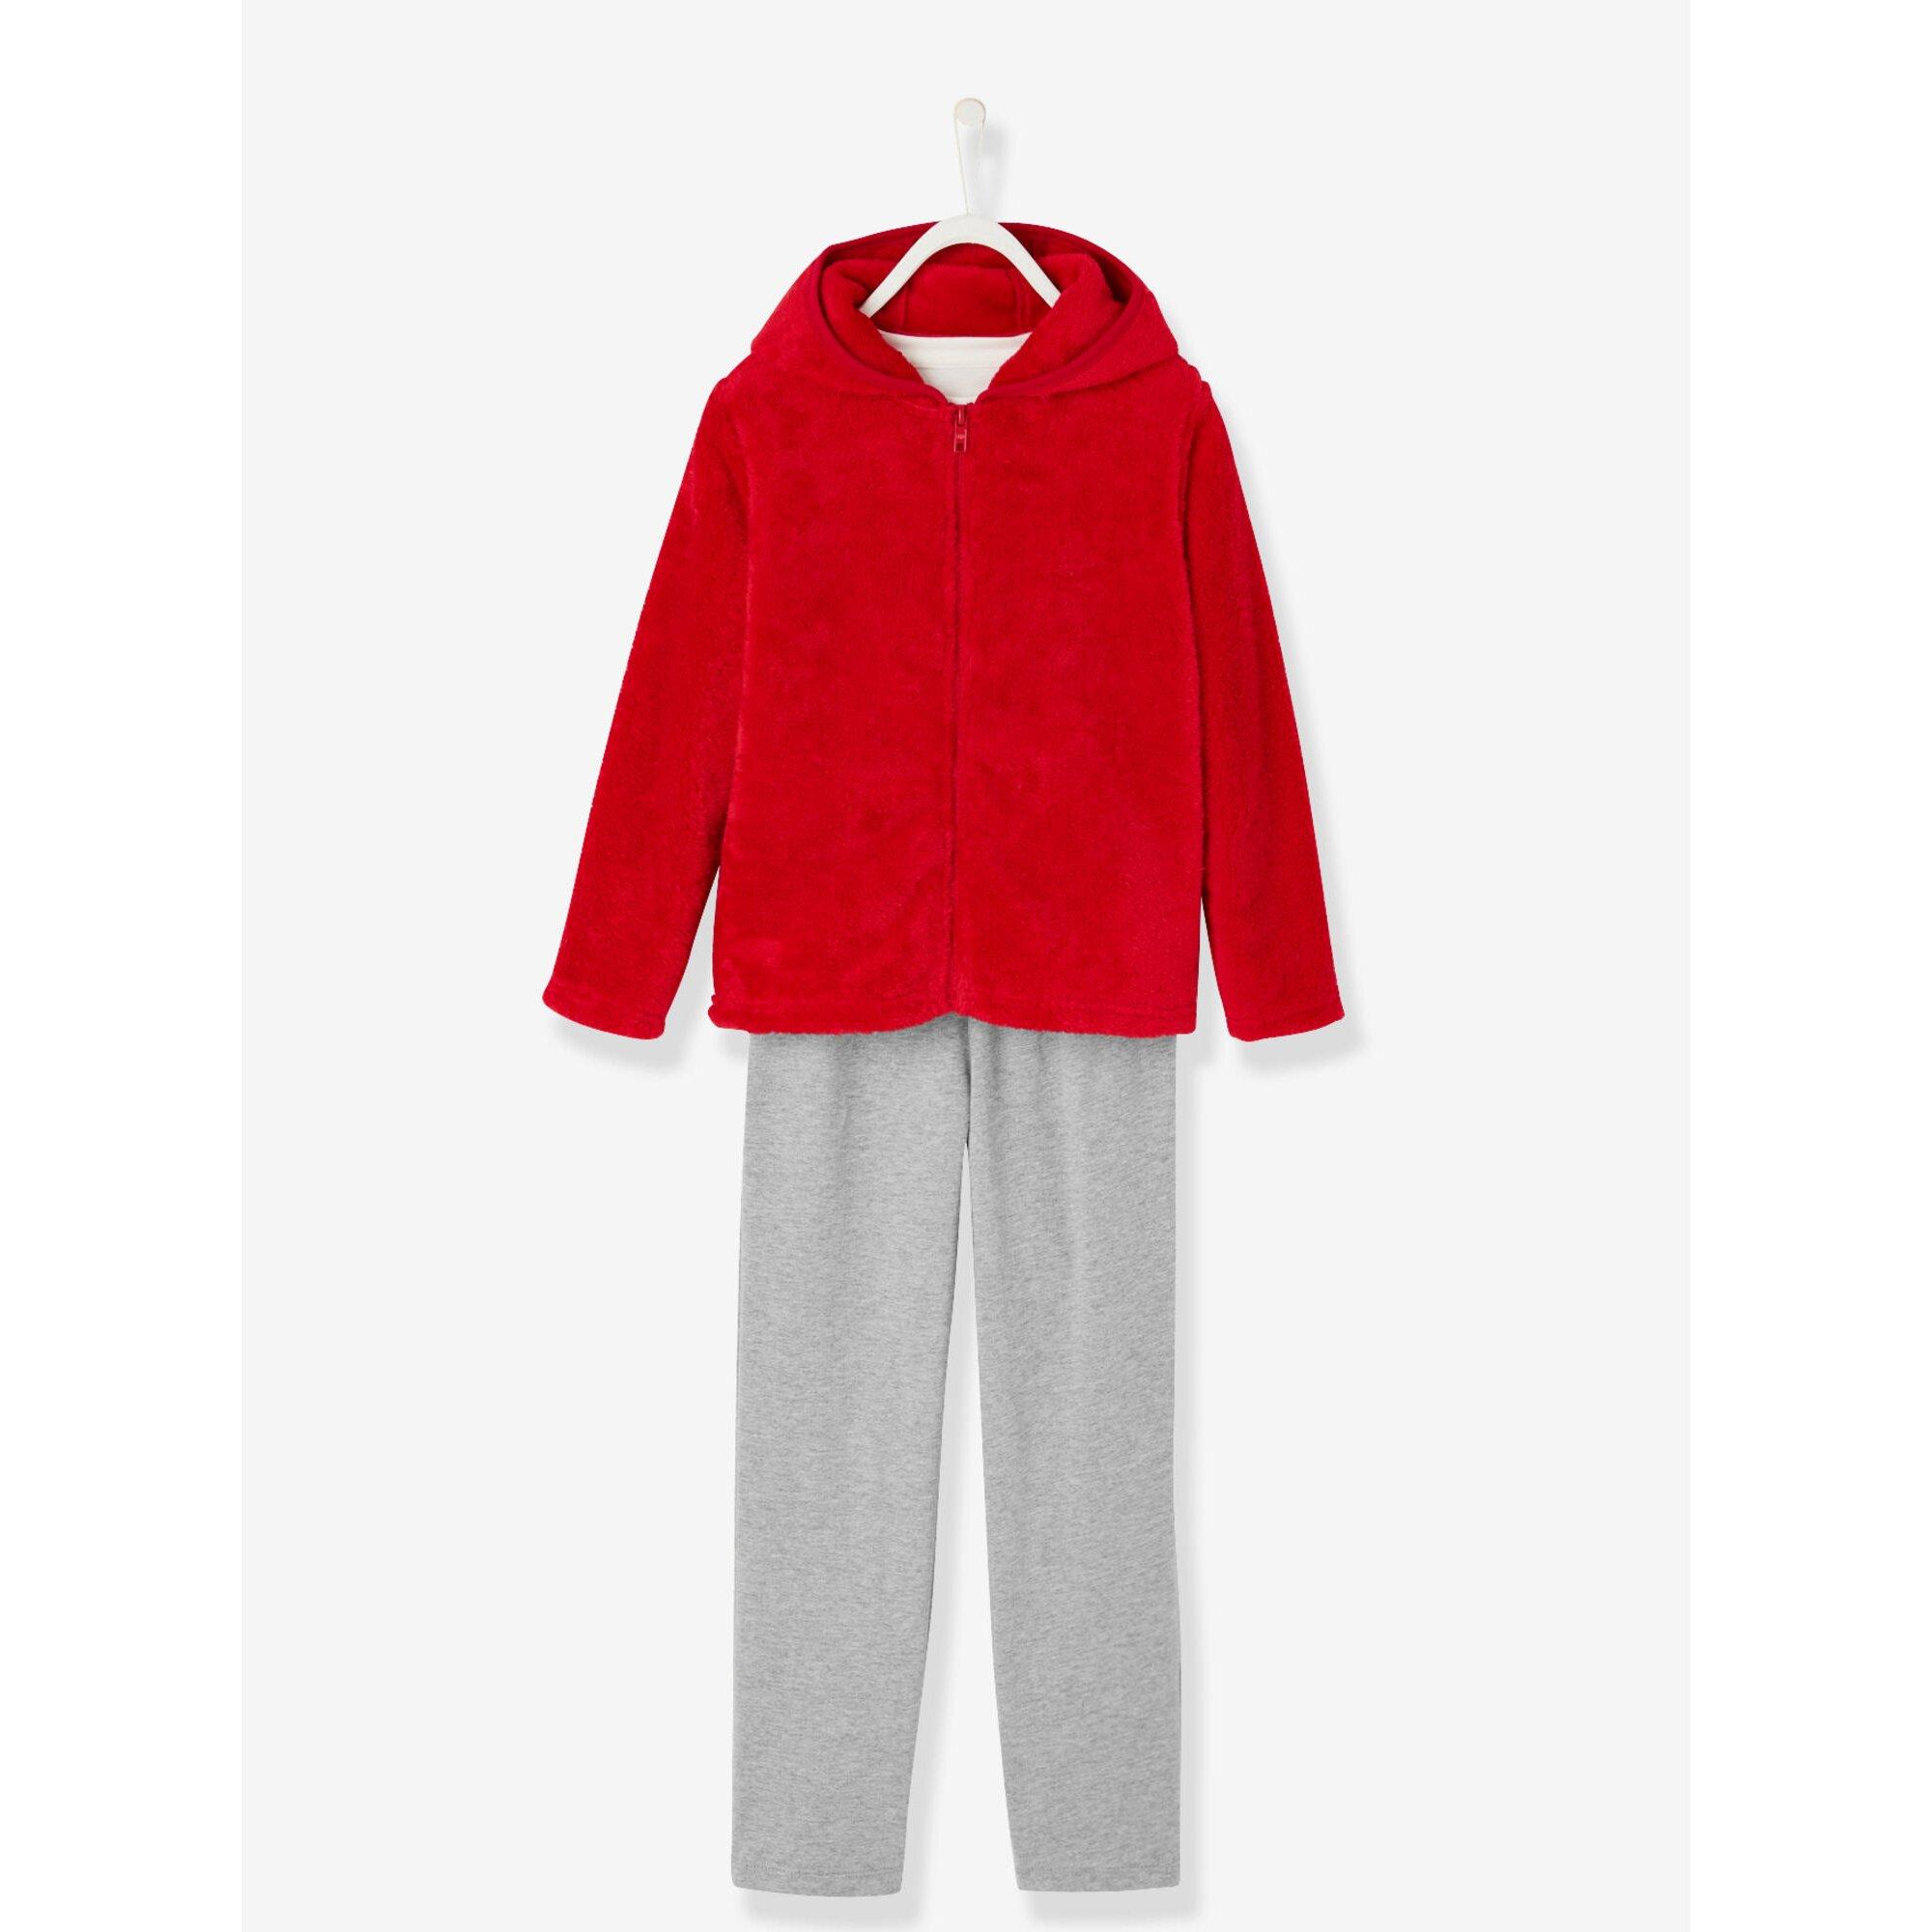 vertbaudet-set-aus-schlafanzug-und-plusch-cardigan